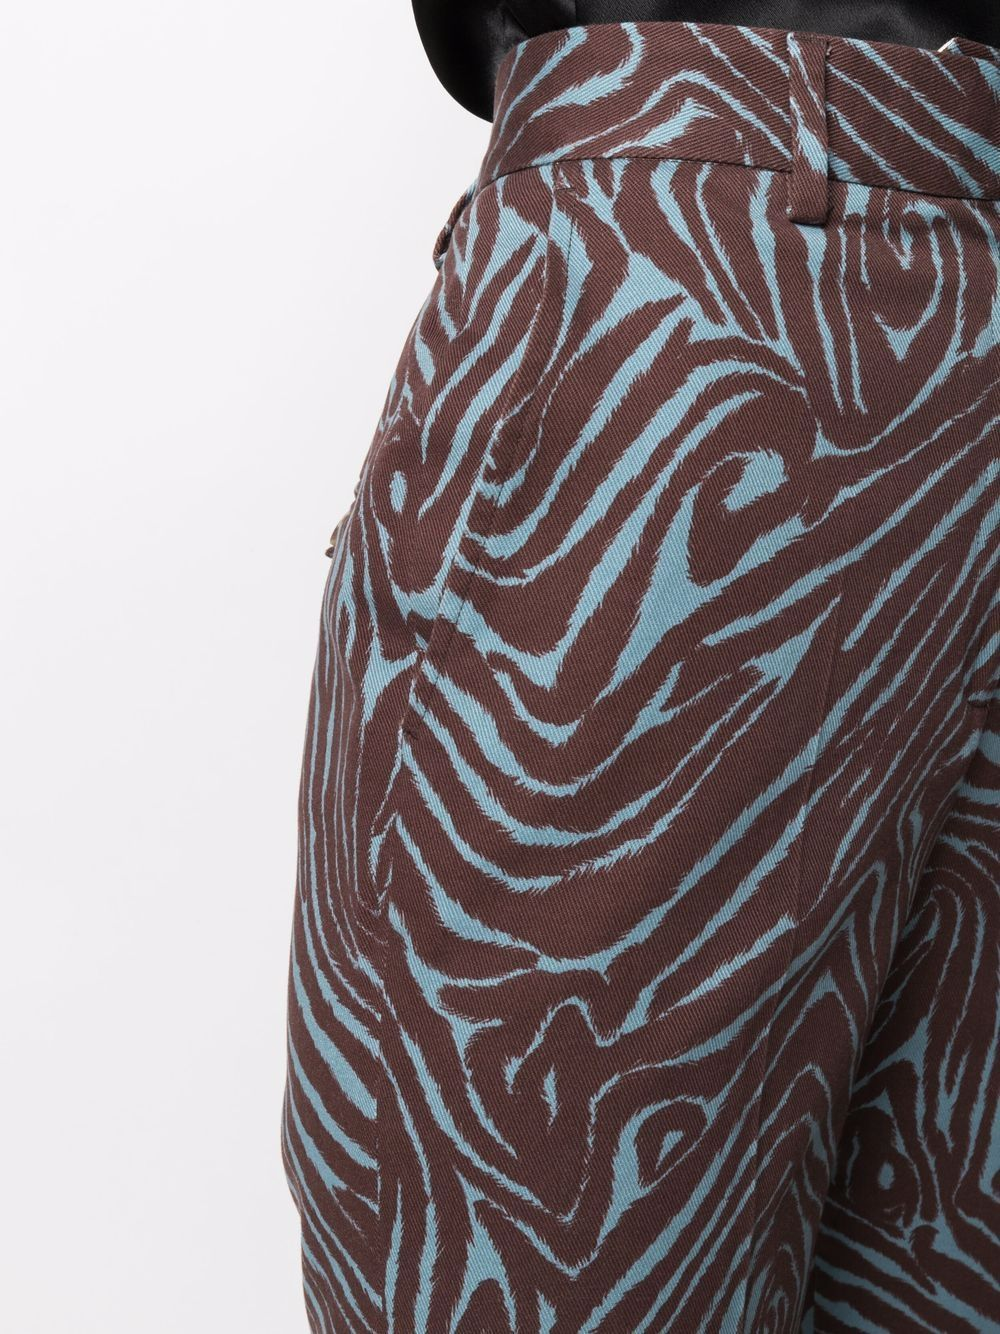 Pantaloni blu e marrone a vita alta in cotone in stampa zebrata ALBERTO BIANI   Pantaloni   CC877-CO306982